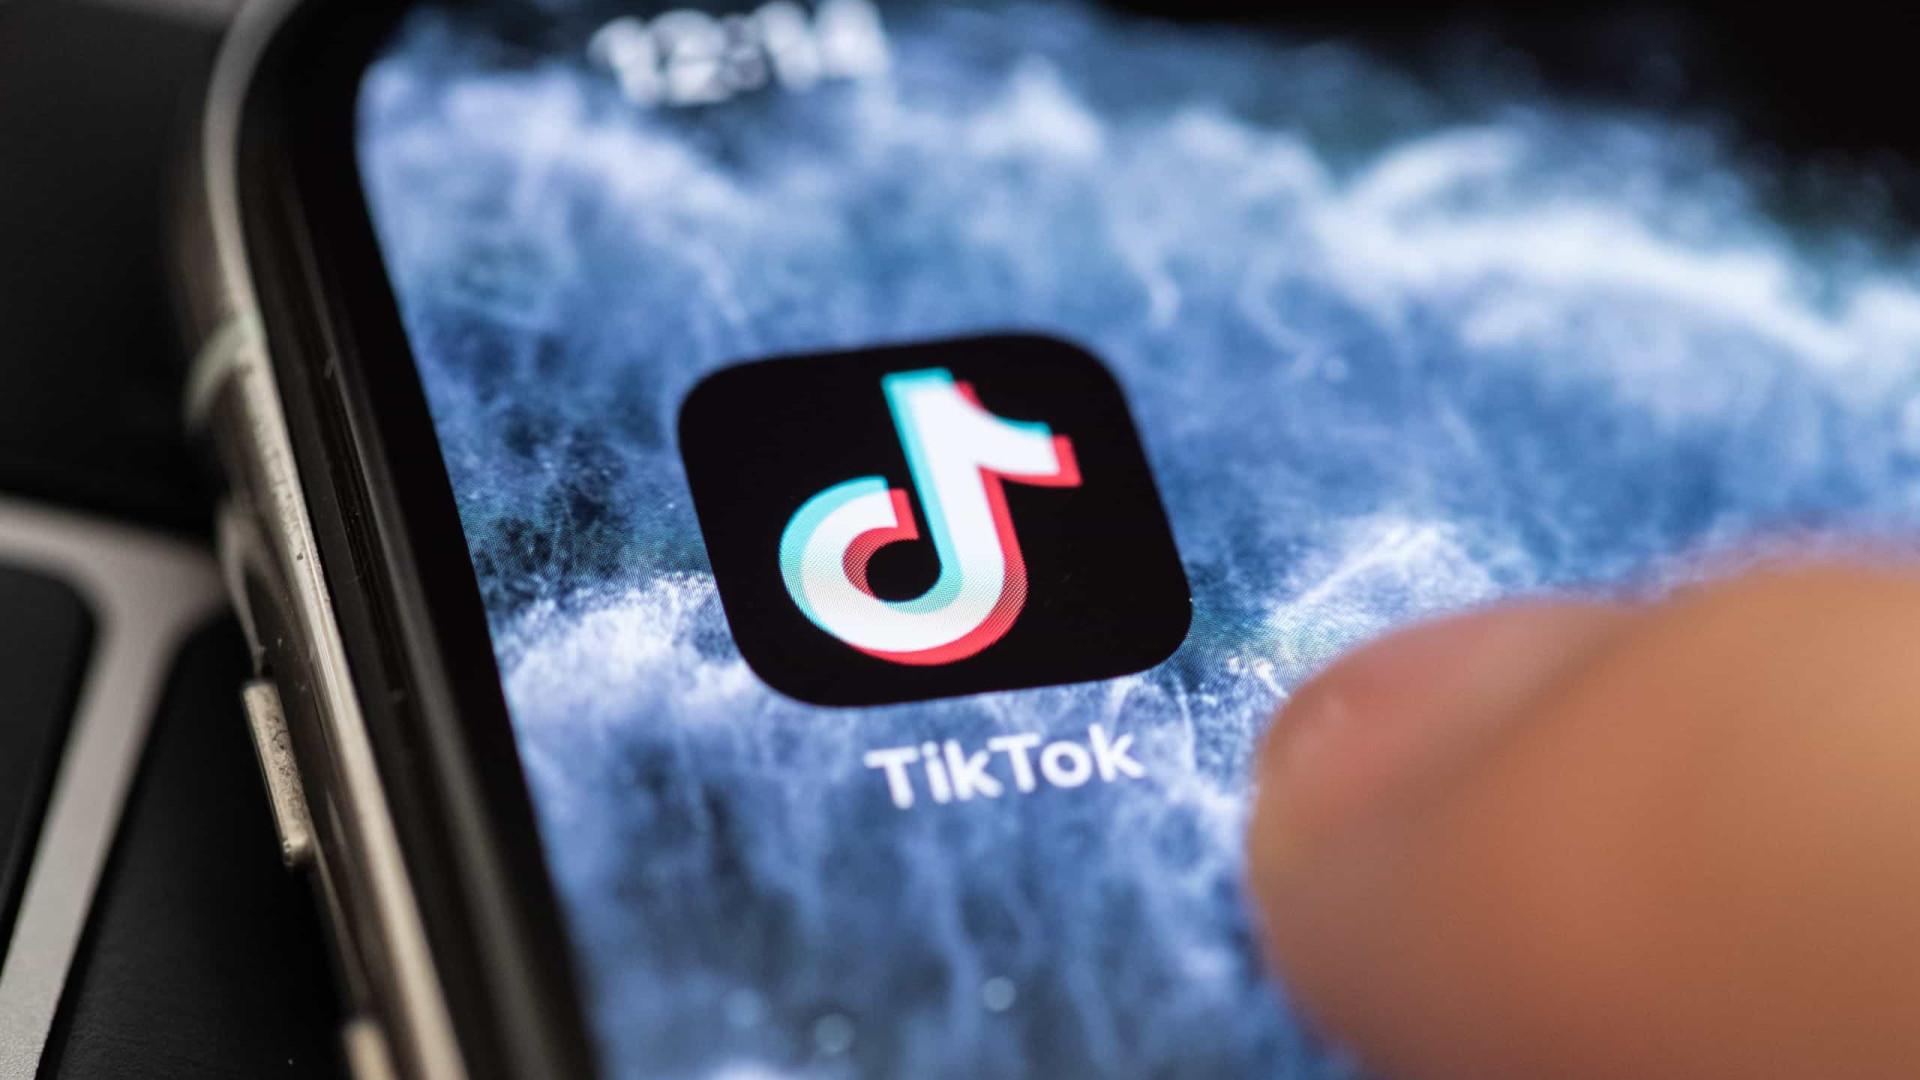 Diretor executivo do aplicativo de vídeo TikTok se demite